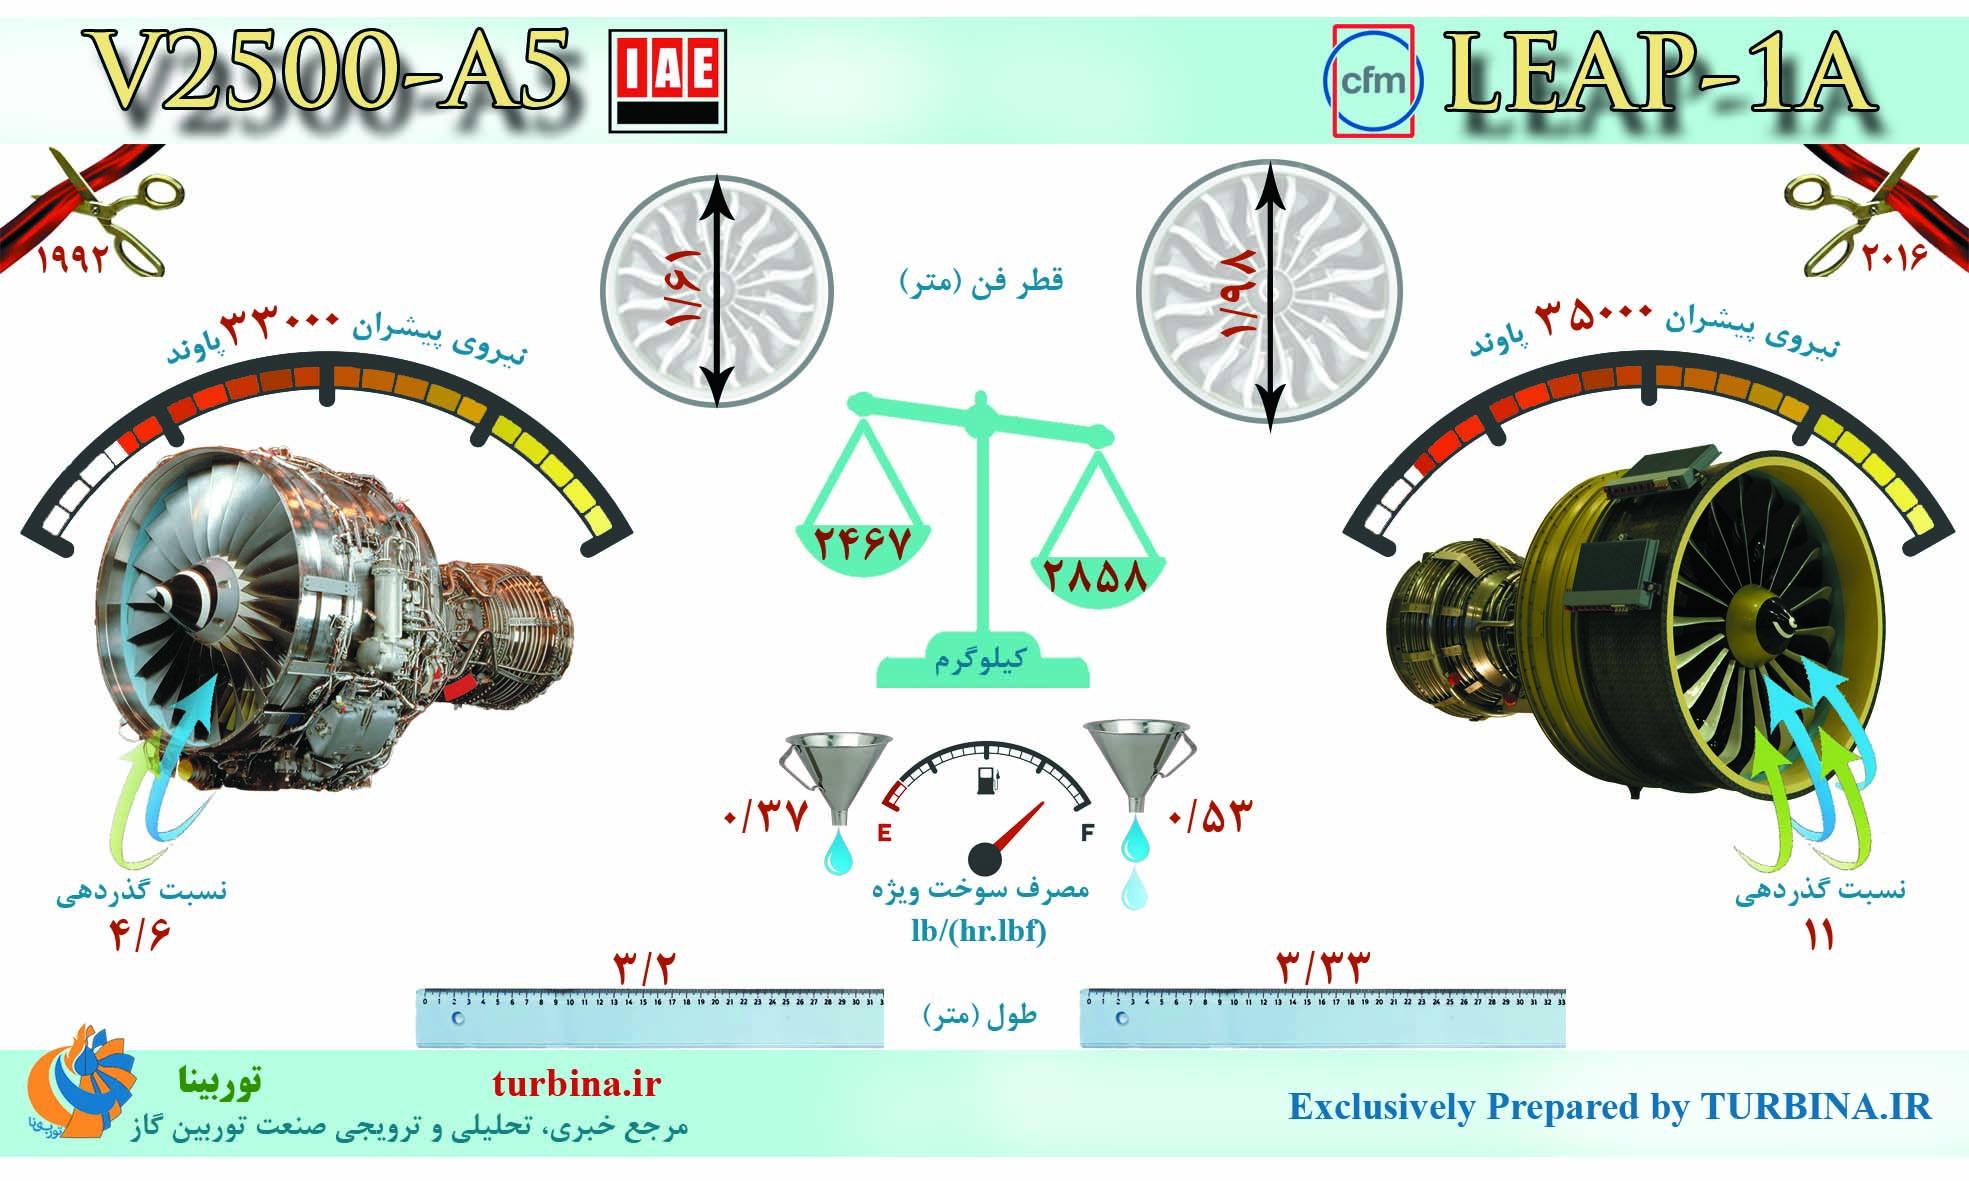 مقایسه موتورهای V2500-A5 و LEAP-1A